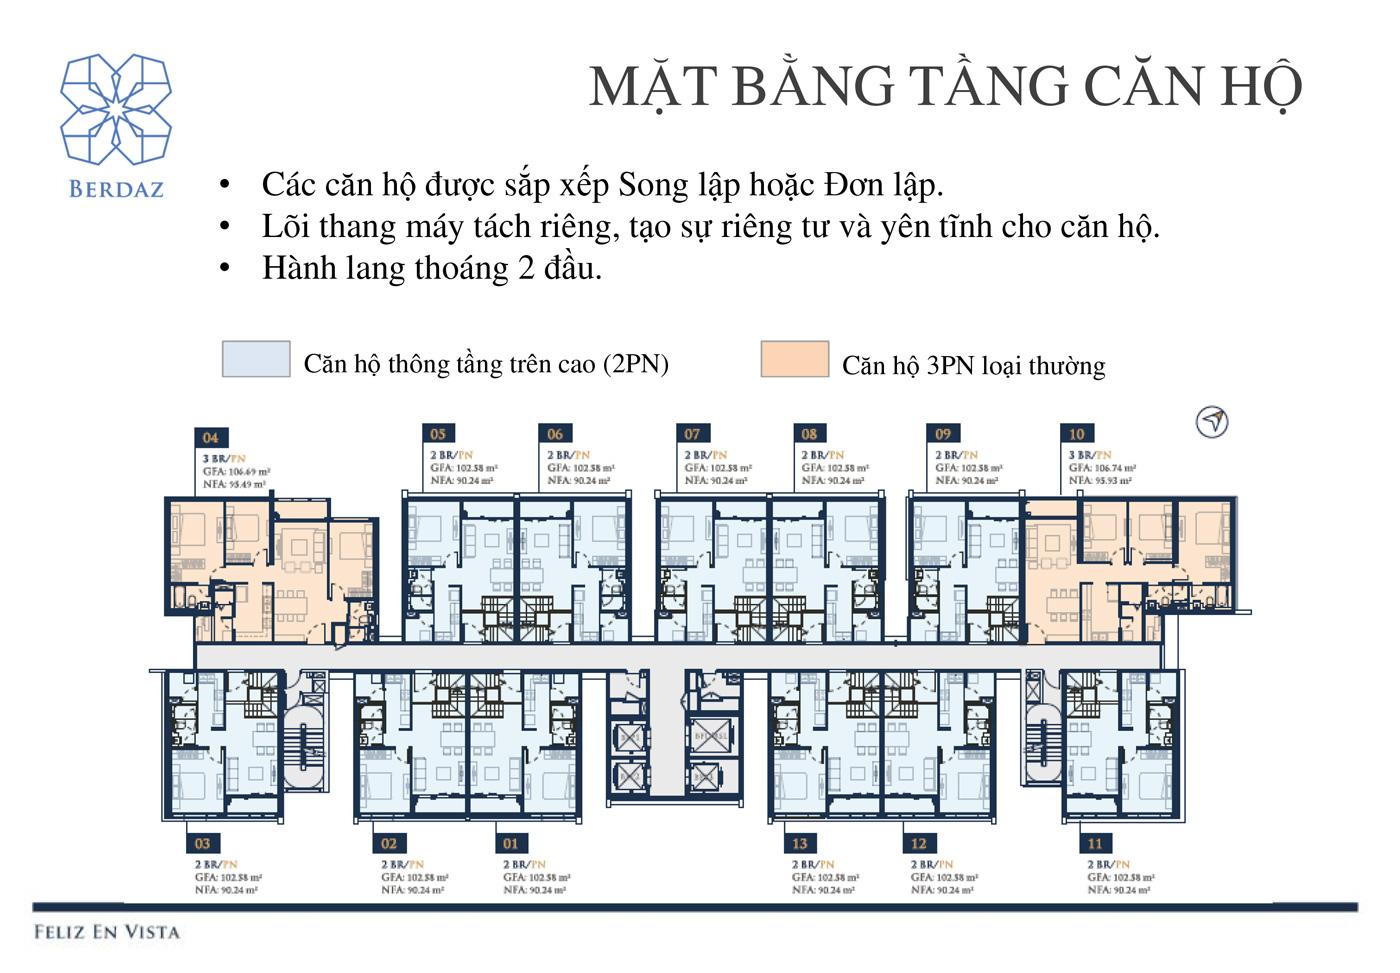 mat-bang-berdaz-1